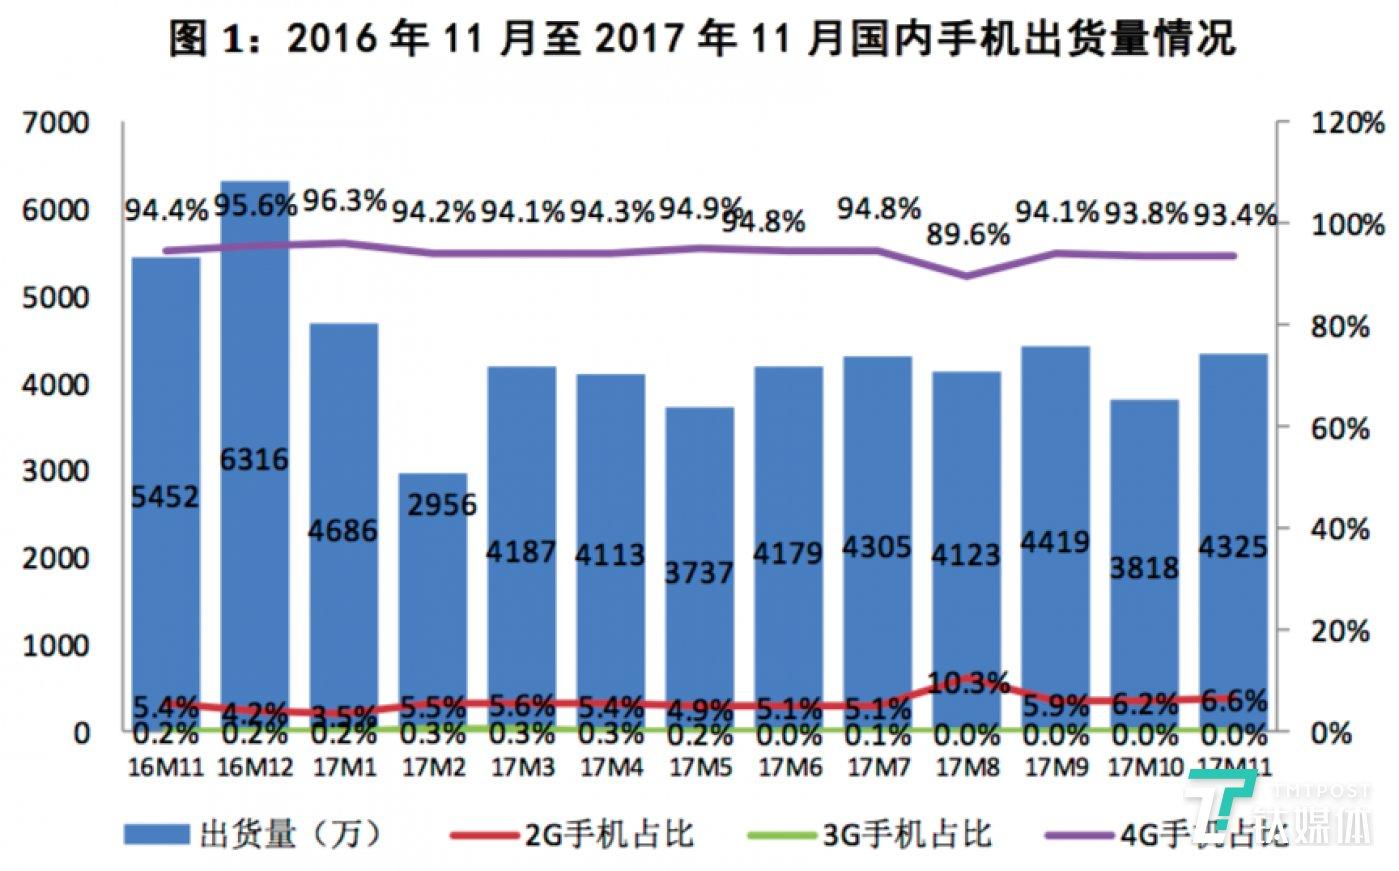 数据来源于  中国信息通信院